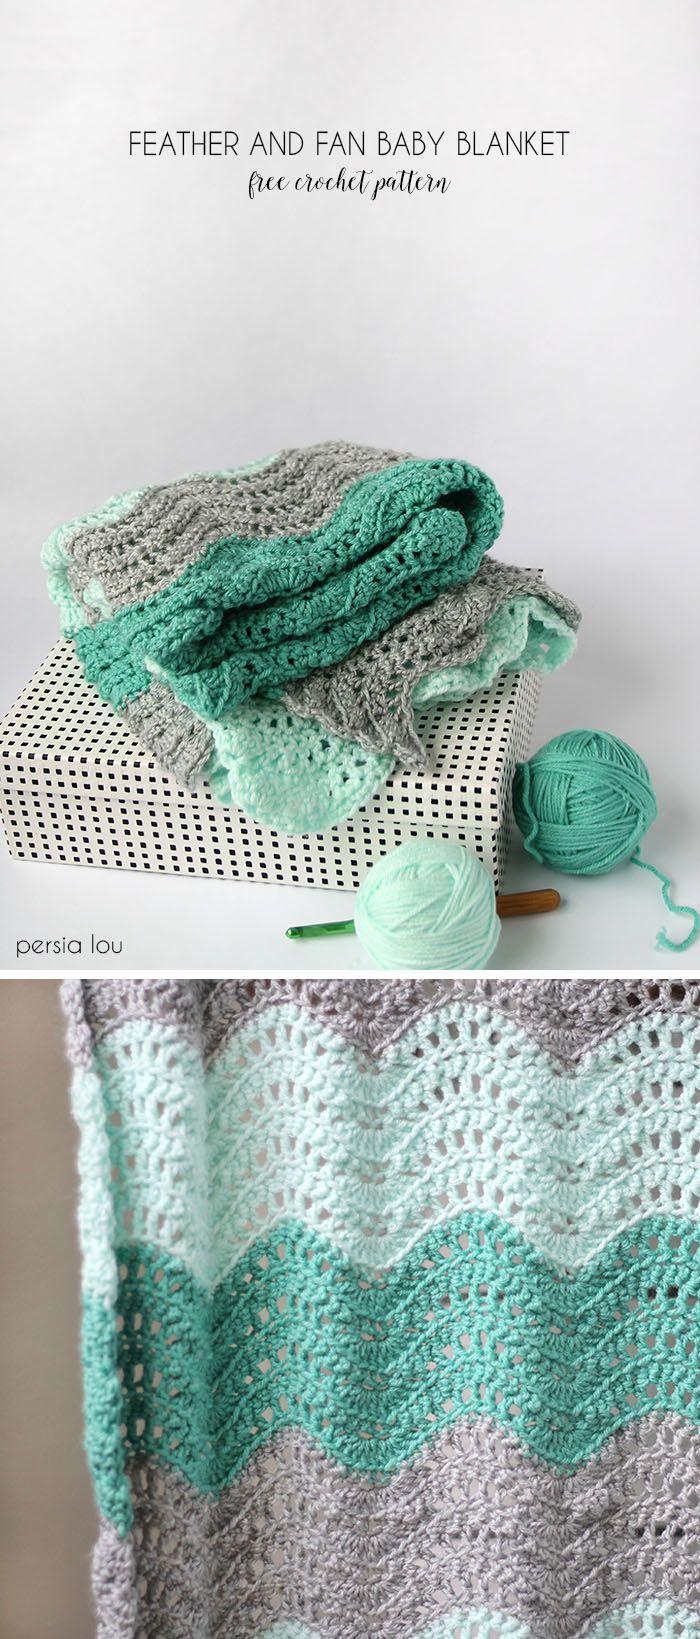 Crochet Feather and Fan Baby Blanket - Free Pattern | Crochet ...